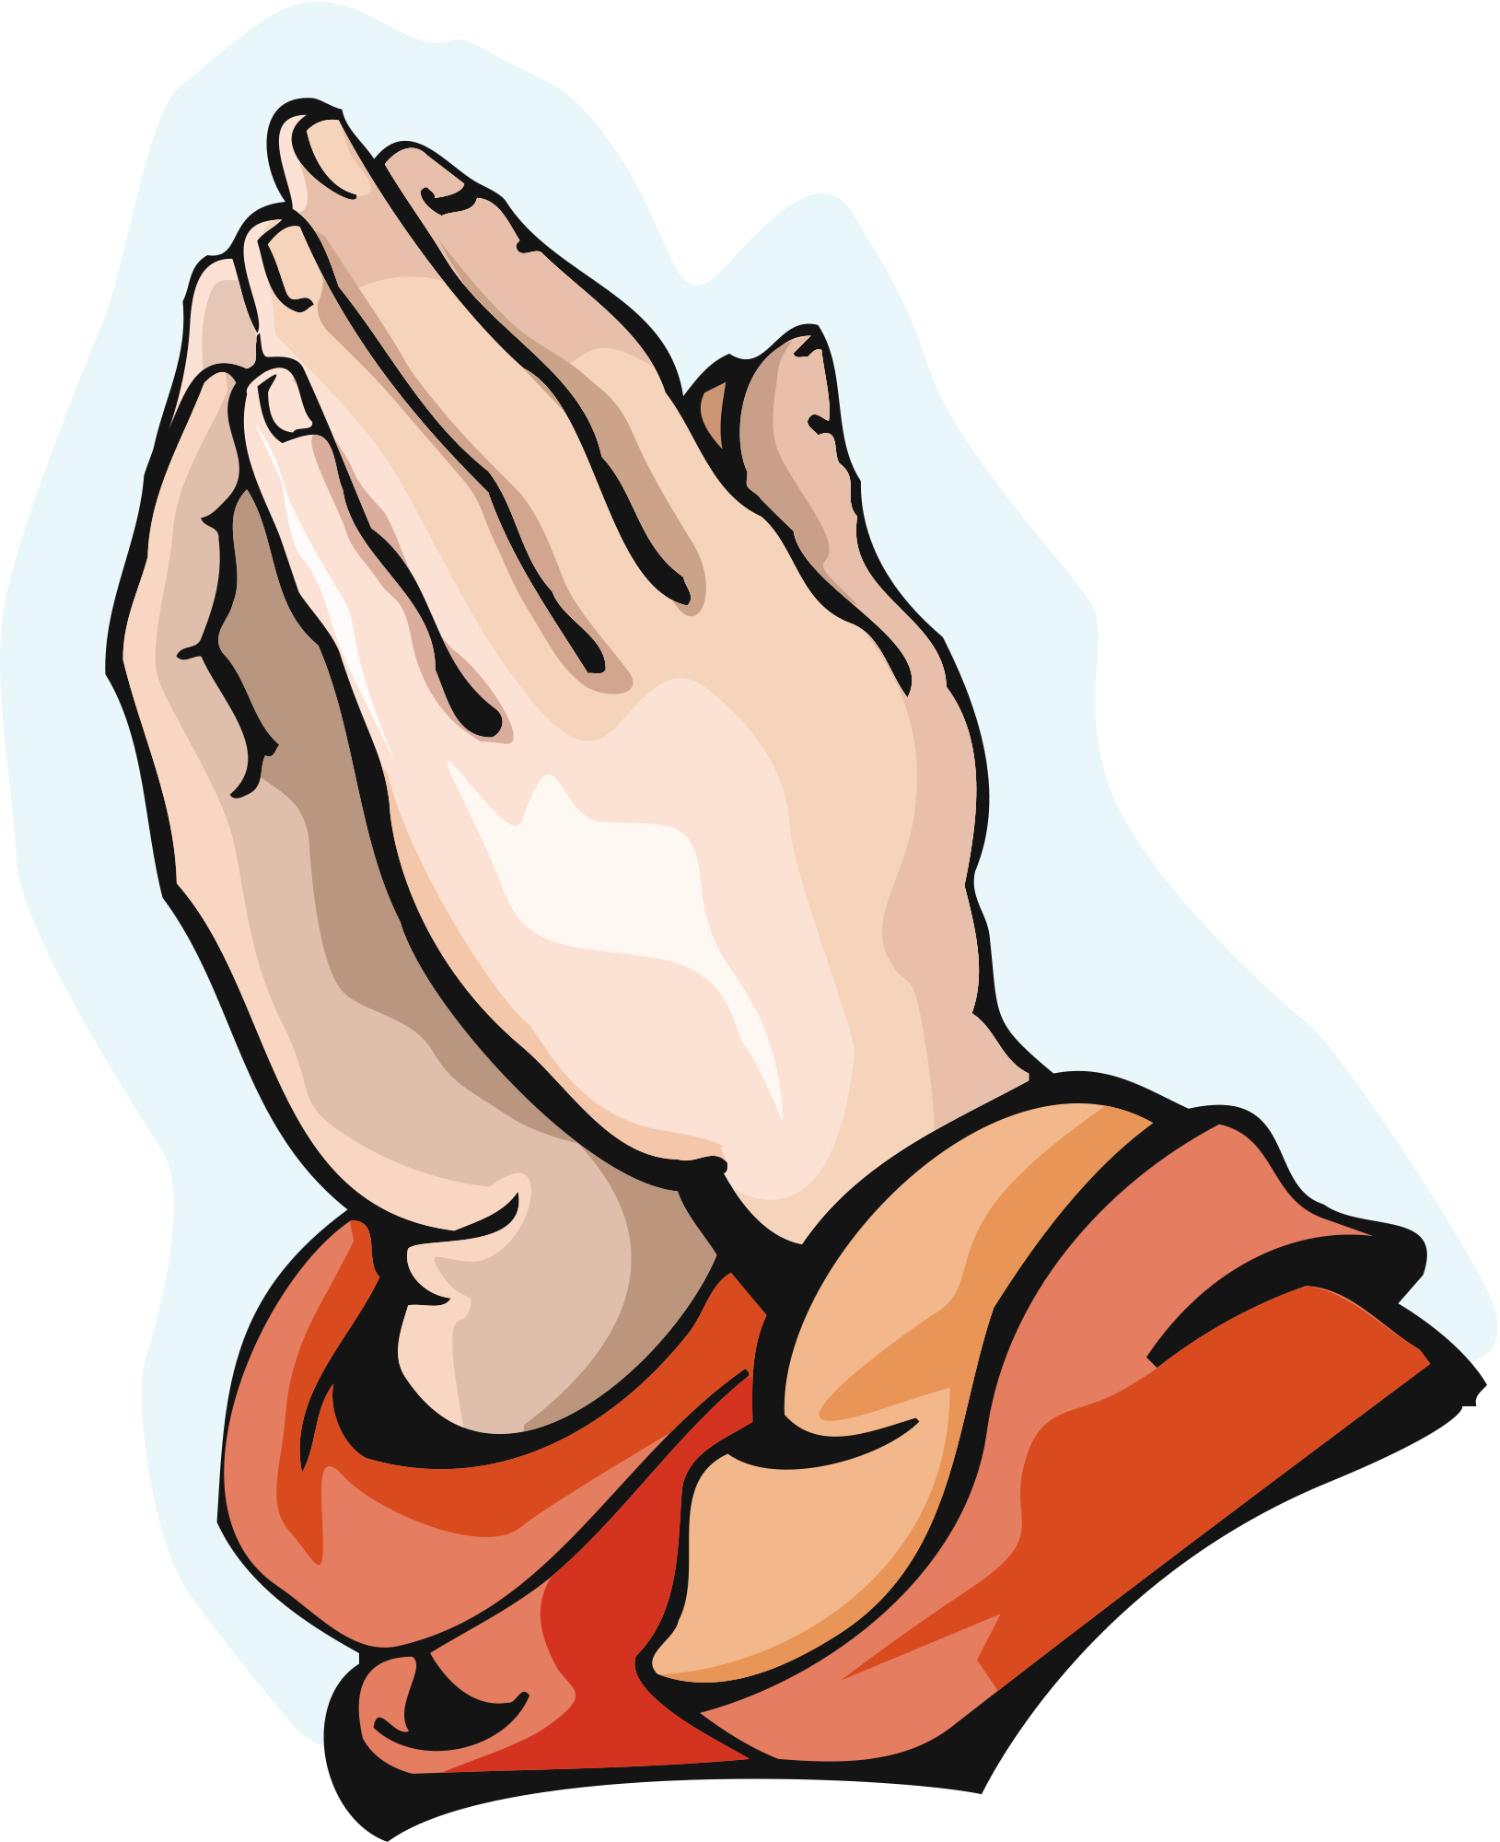 1500x1842 Praying Hands Clipart Cartoon Prayer Hands Clipart LIFESTYLE